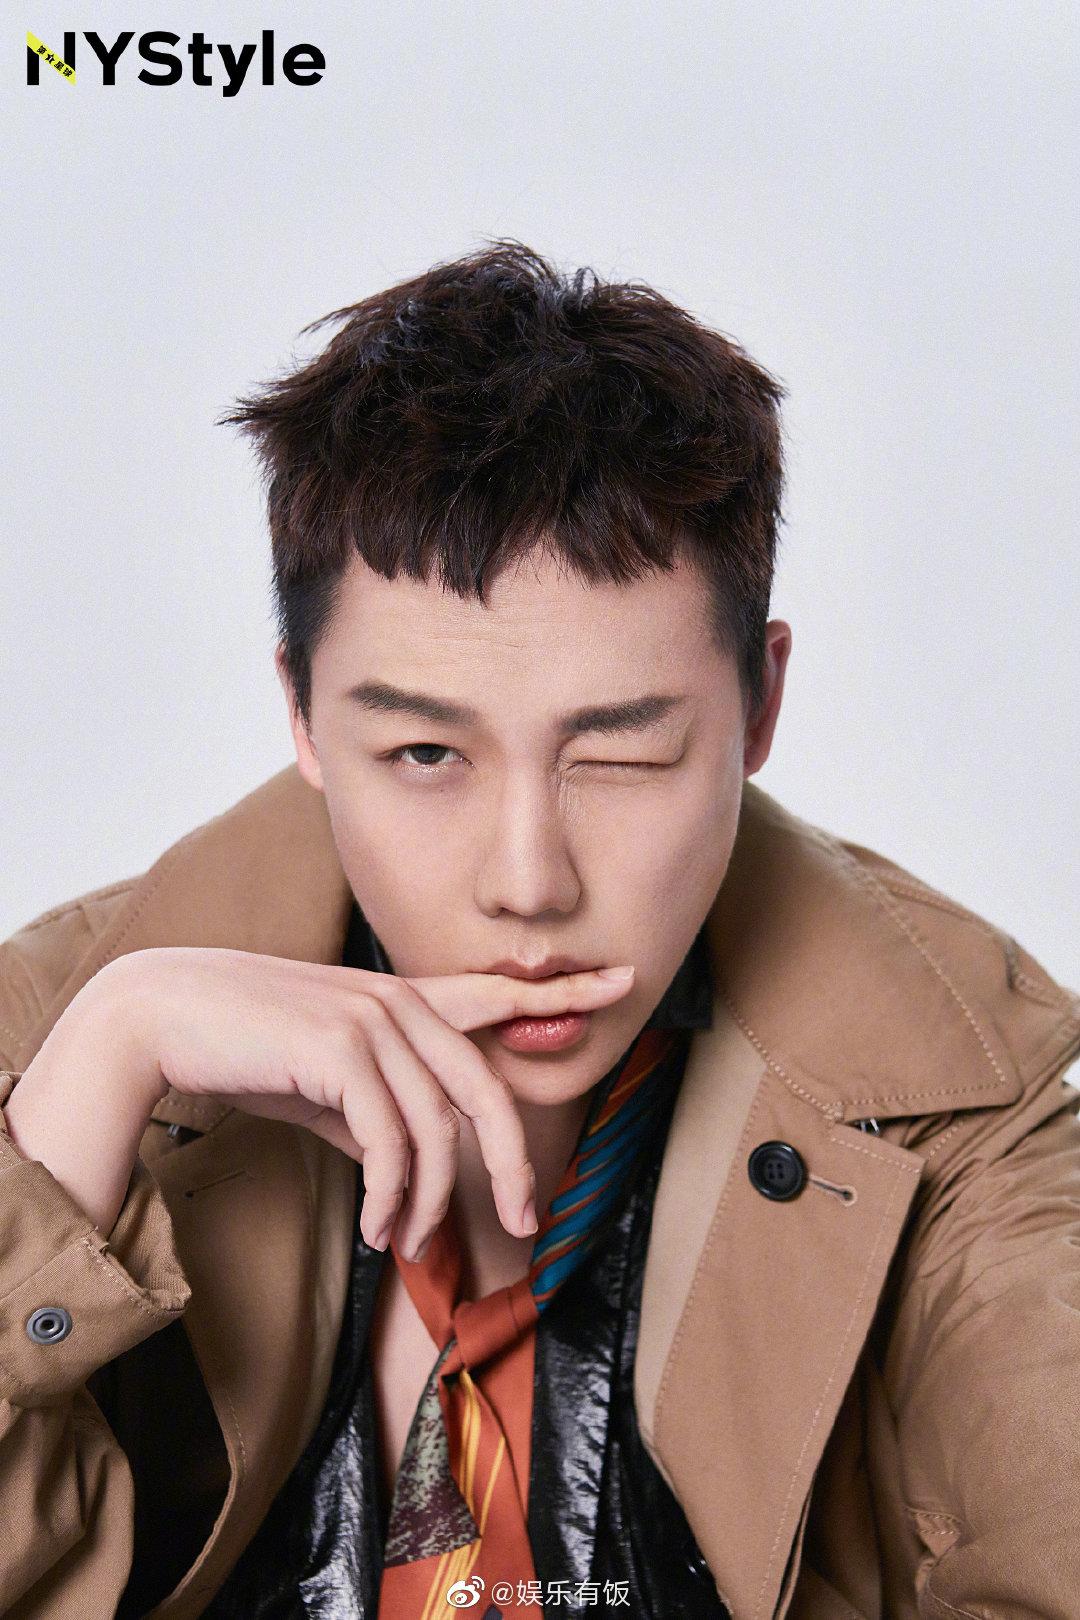 @刘维-Julius 最新写真大片曝光,身穿复古风衣搭配落叶色领带